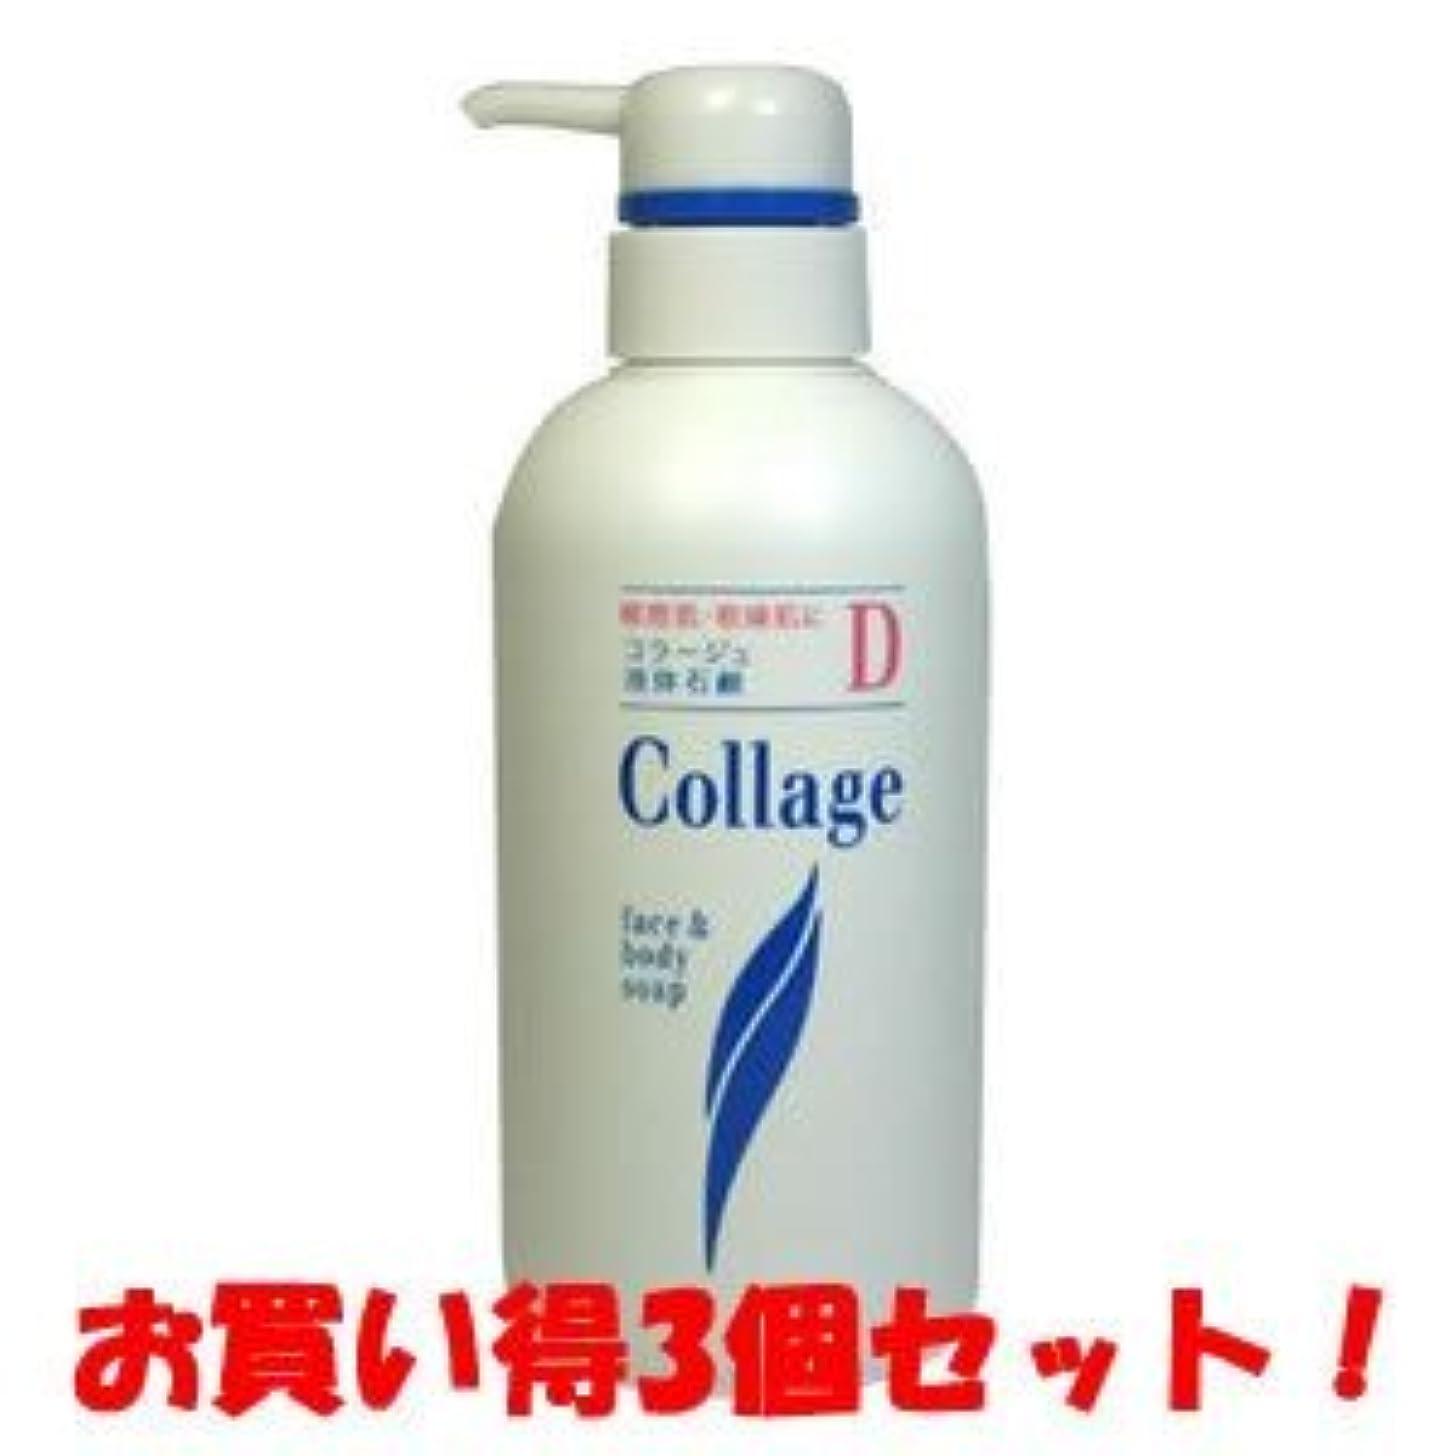 マスク例示するしないでください(持田ヘルスケア)コラージュD 液体石鹸 敏感肌?乾燥肌 400ml(お買い得3個セット)